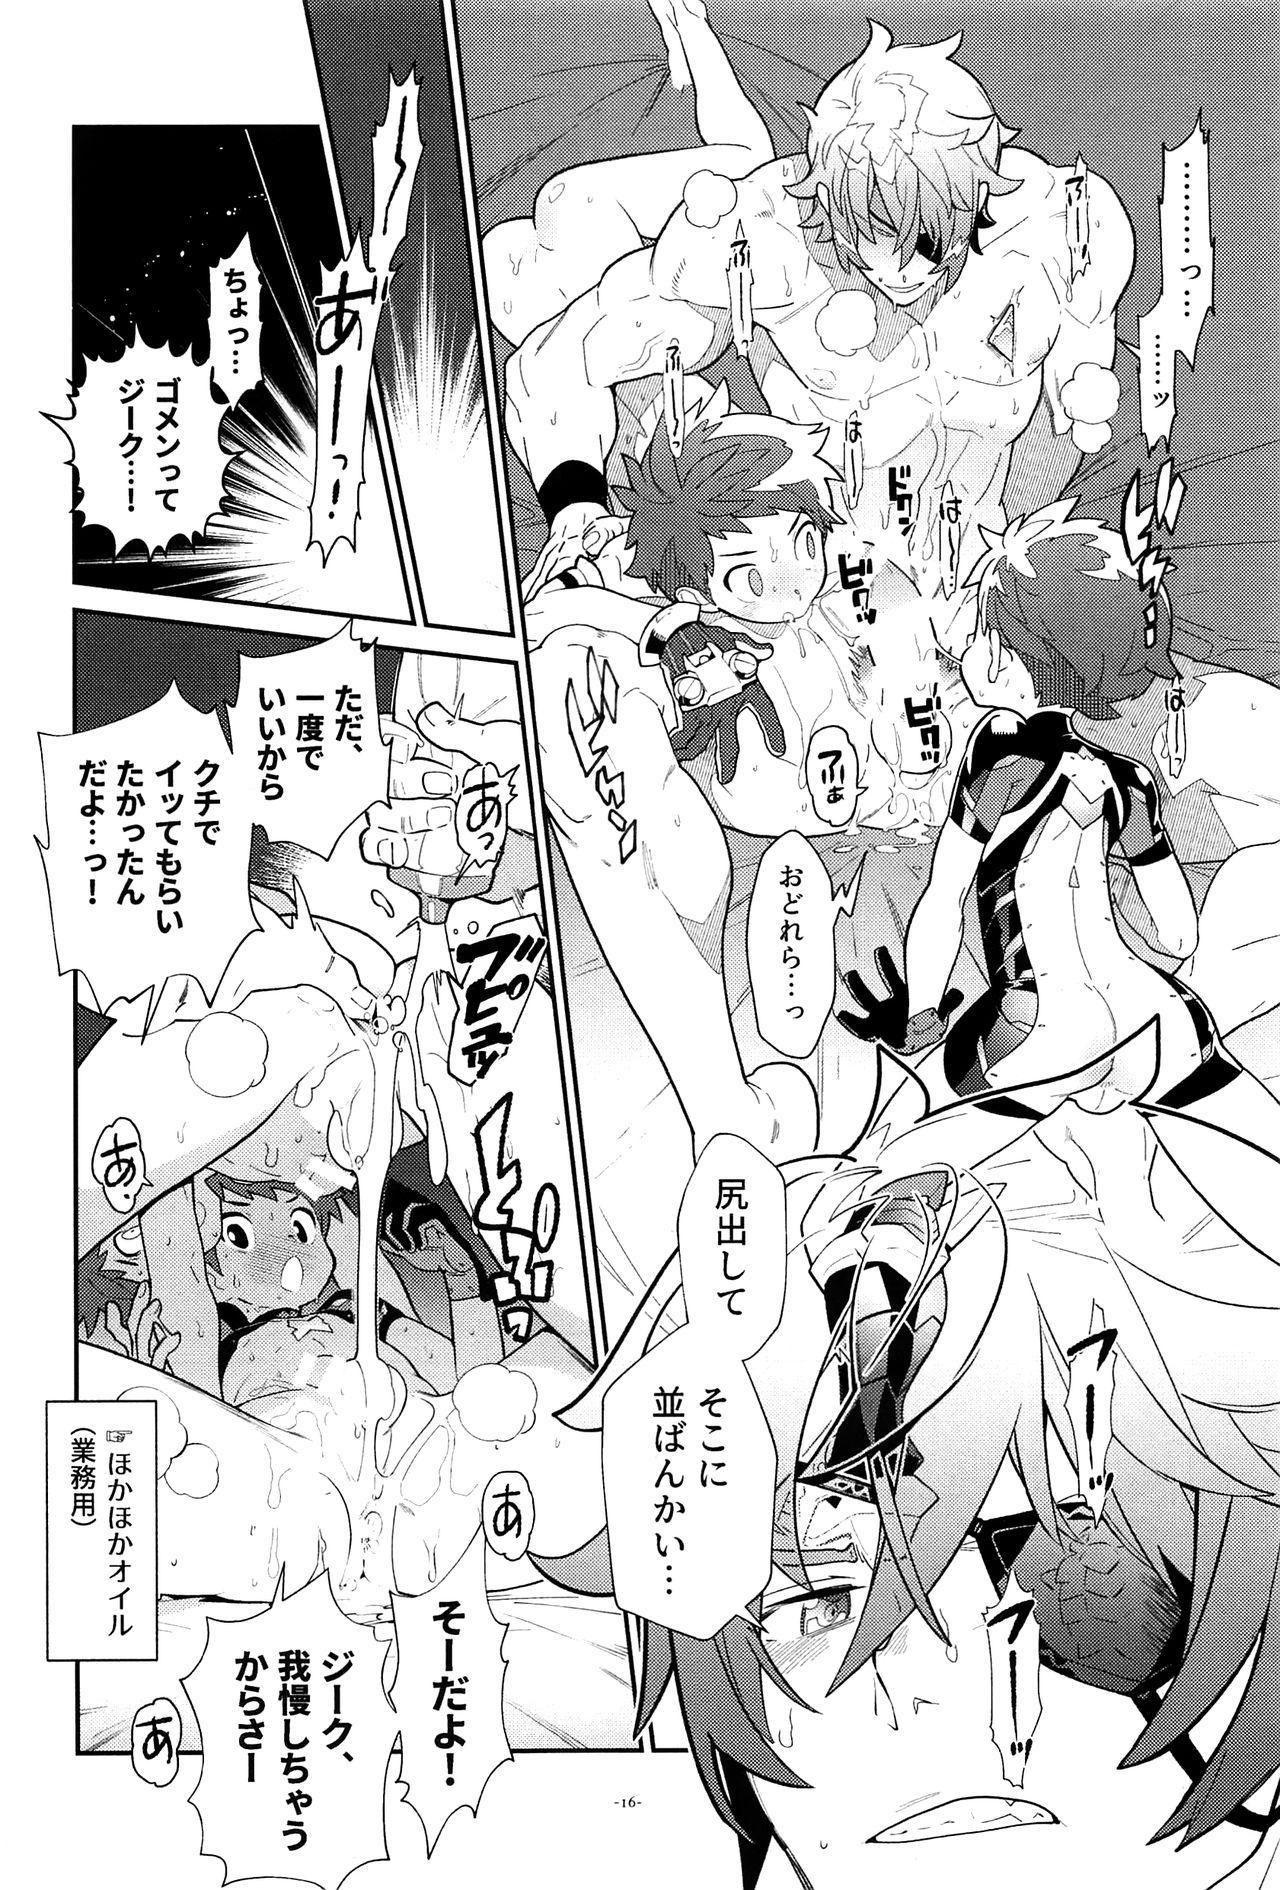 Zeke to Rex ga Ichaicha Shiteitara, Rex ga Kitanode Matomete Ichaicha Shita. 16